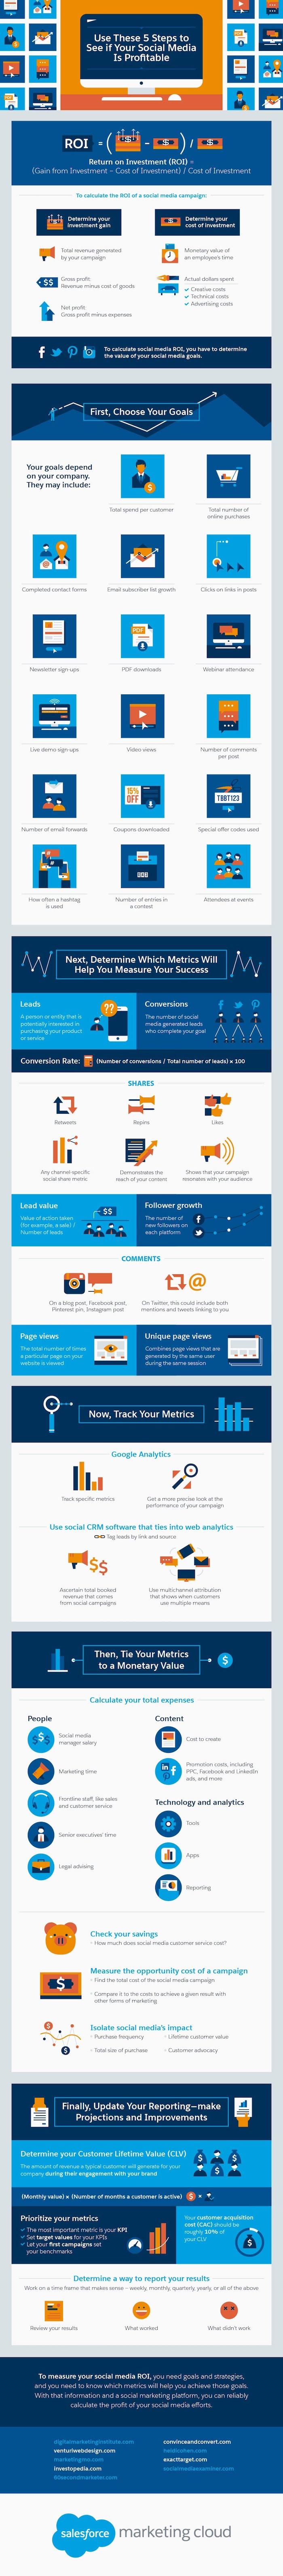 infographie sur la rentabilité d'une stratégie social media